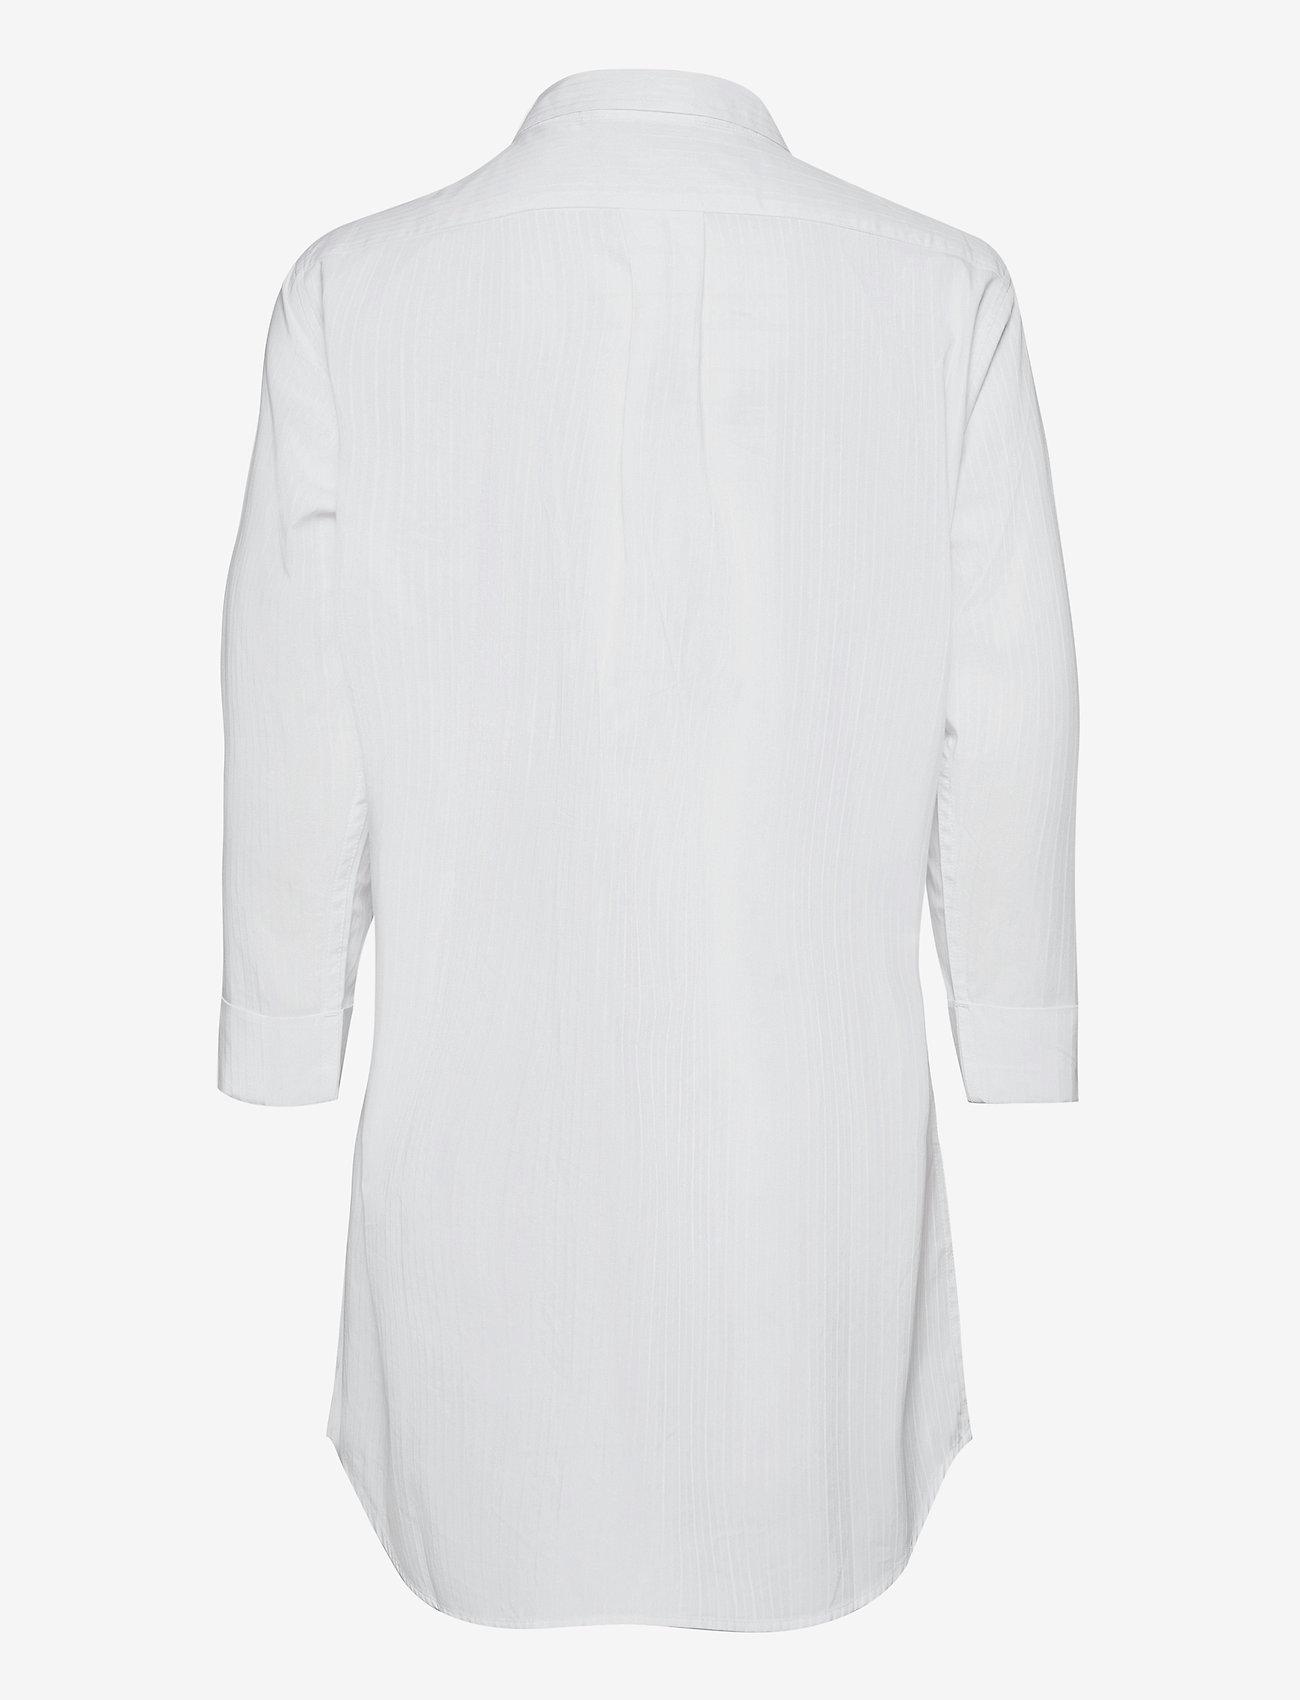 Lauren Ralph Lauren Homewear - LRL HERITAGE ESS. 3/4 SL SLEEPSHIRT - overdele - white - 1